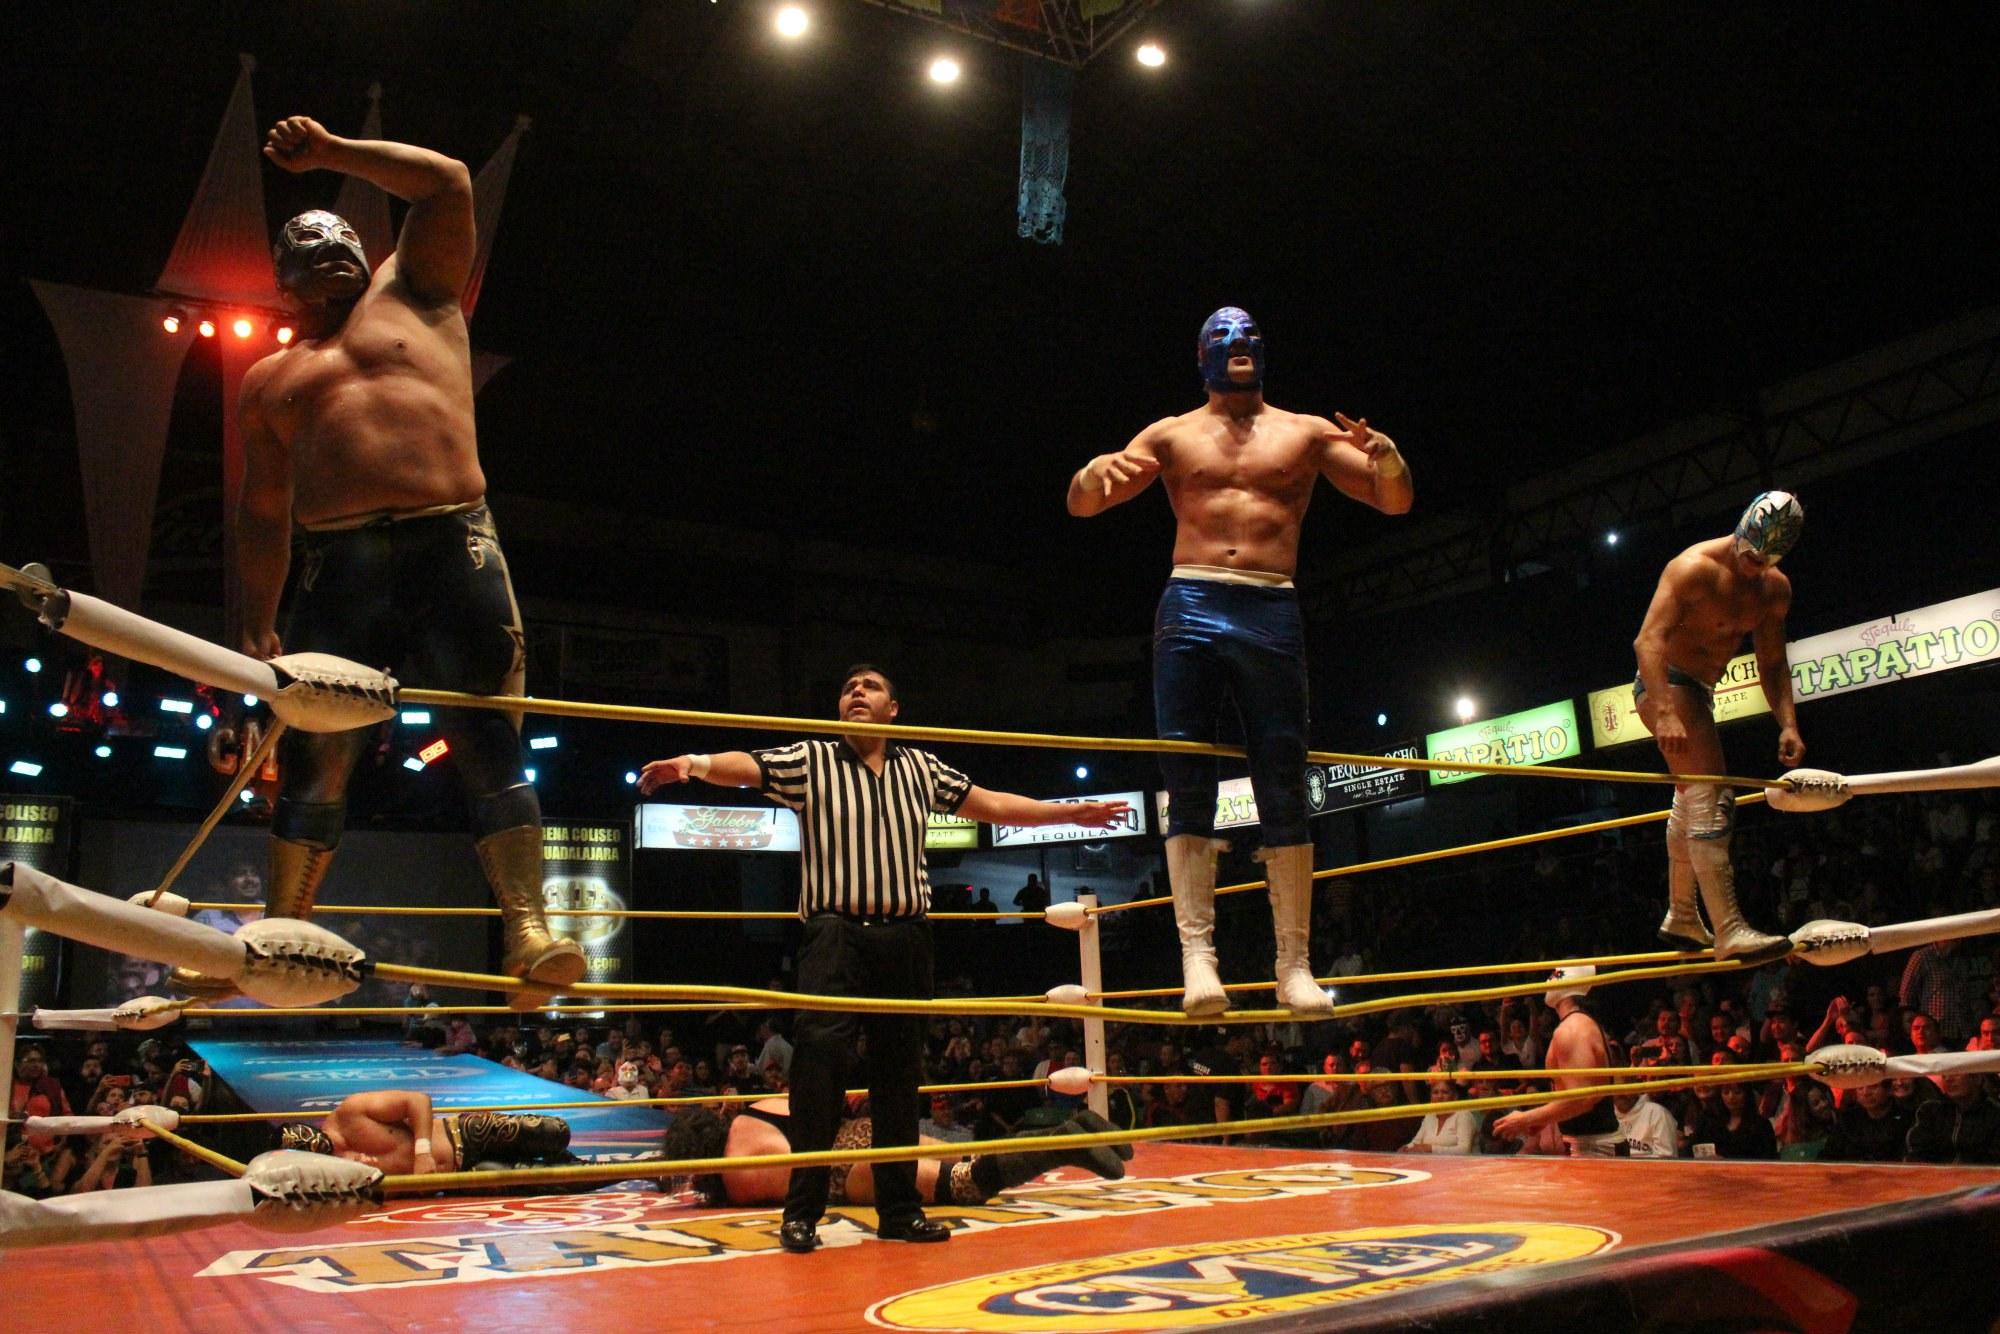 Una mirada semanal al CMLL (del 31 oct al 6 nov de 2019) 14